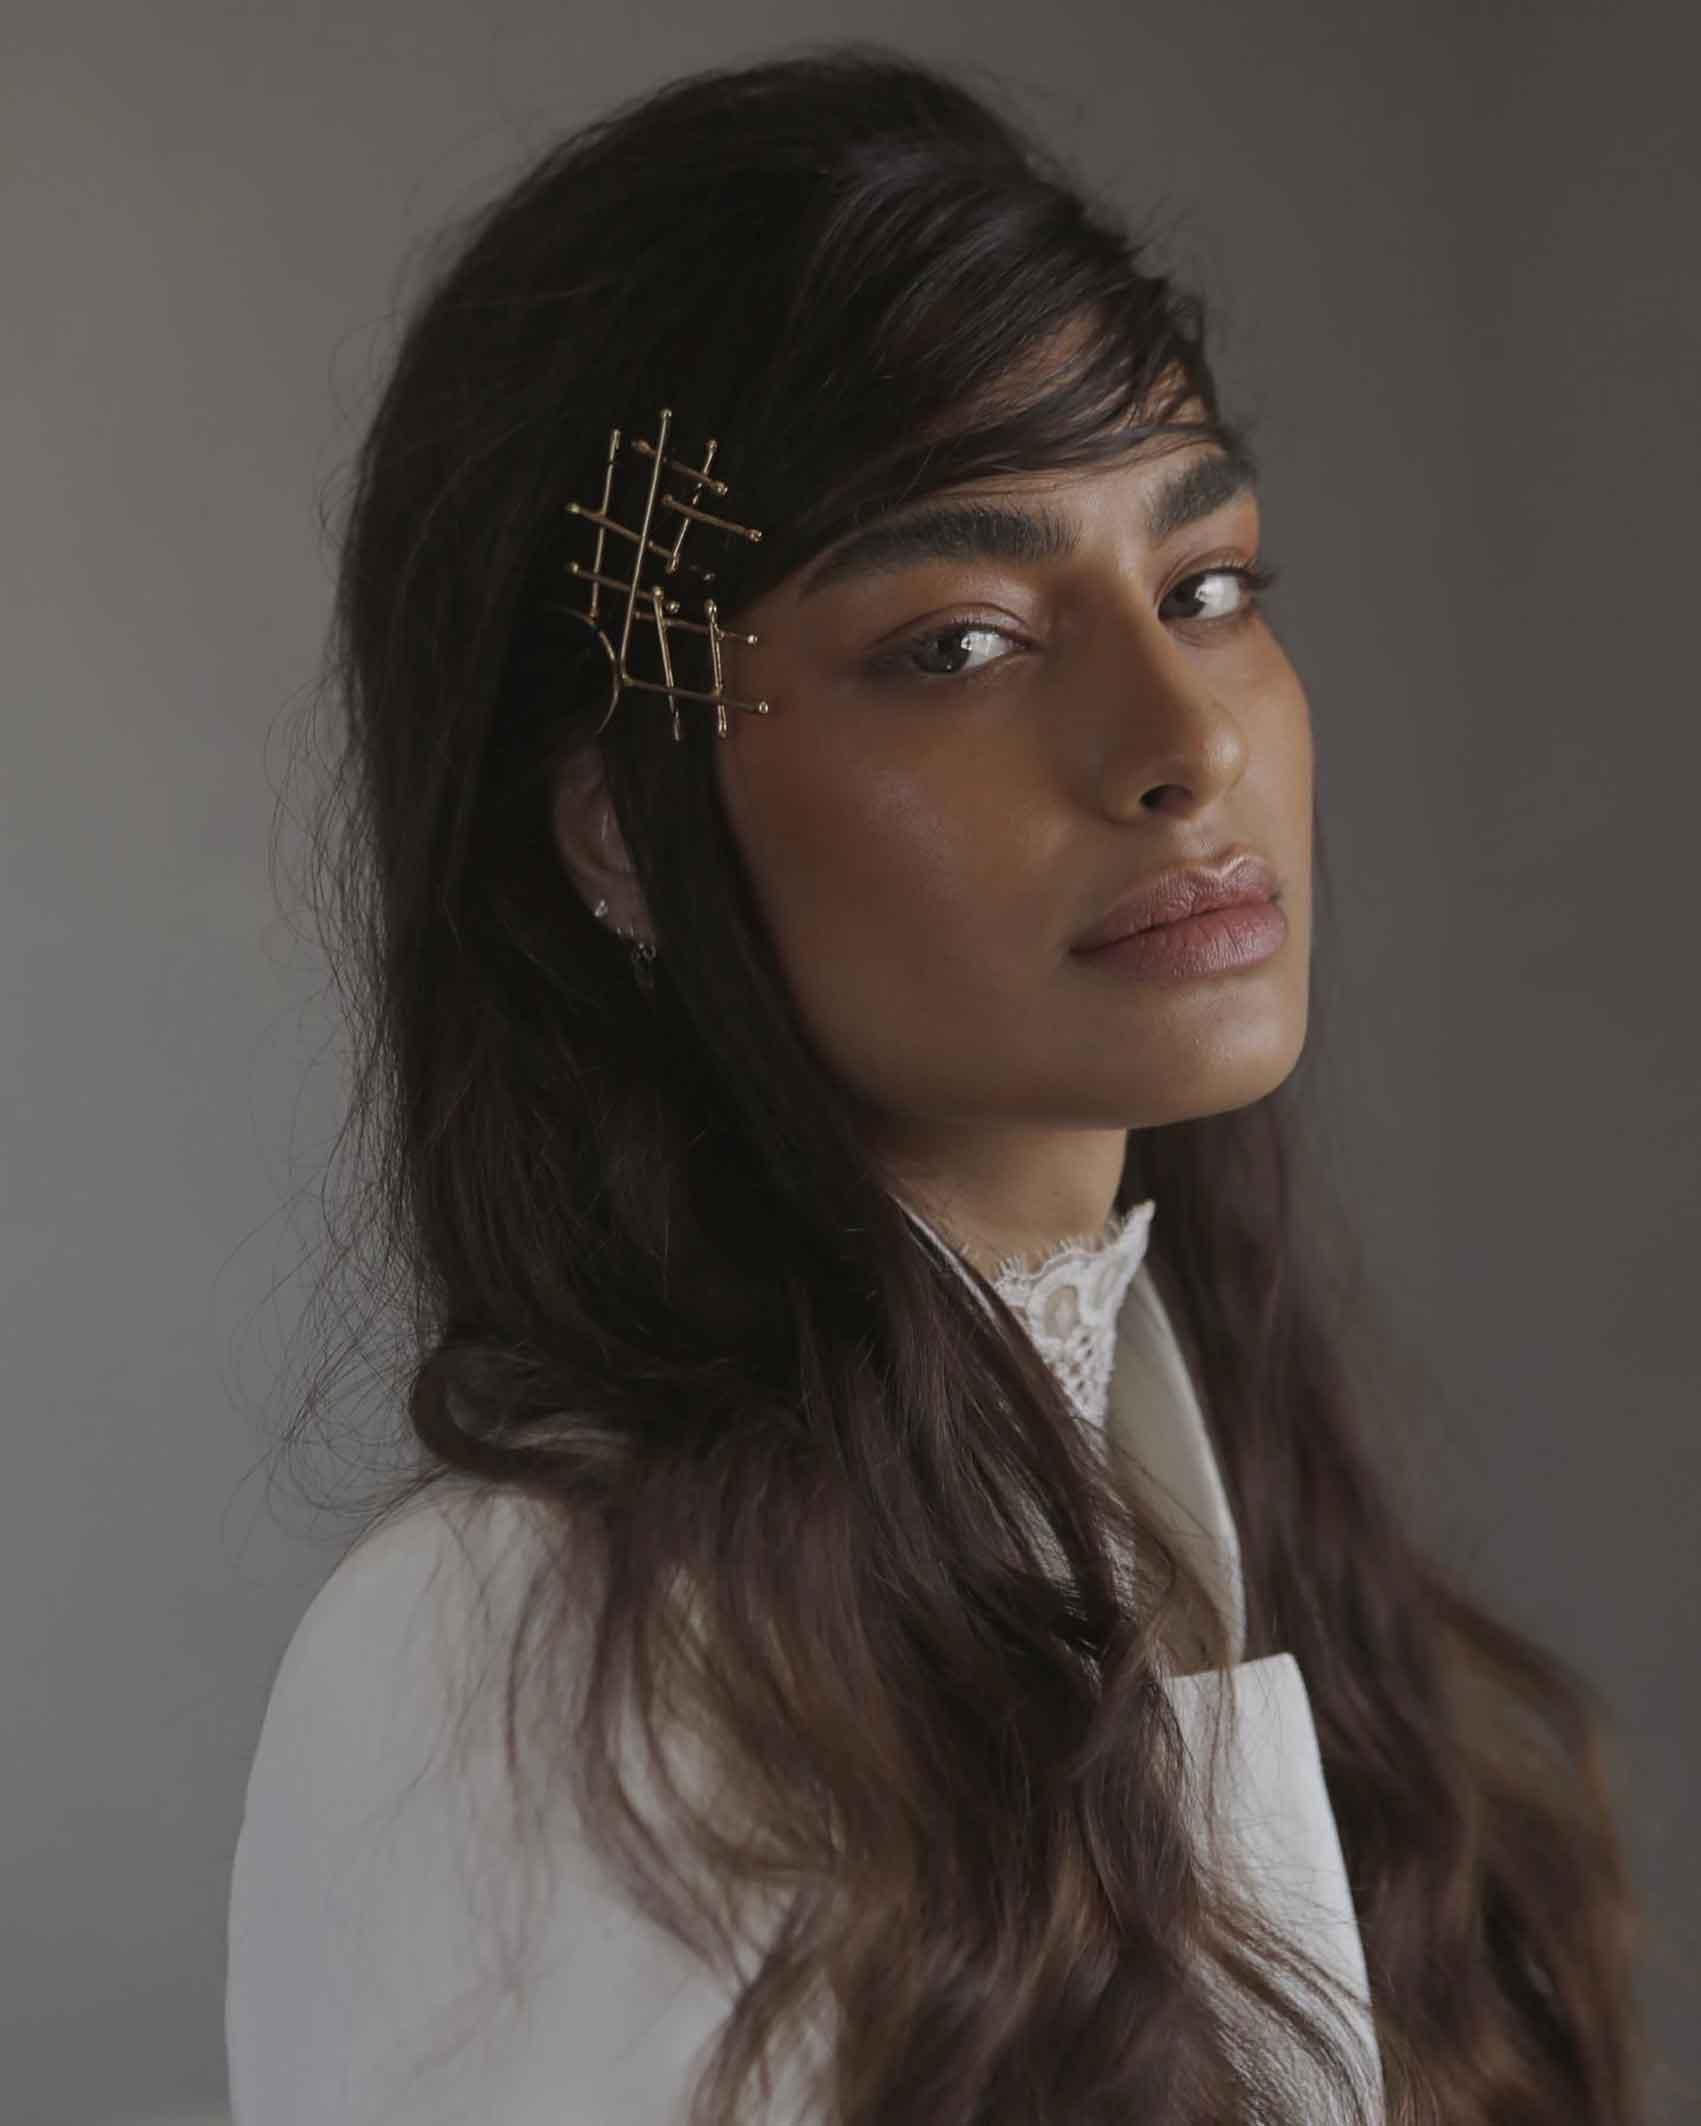 אין-דהאן-קולקיית-גמר-שנקר-2020-דוגמנית-מגזין-אופנה